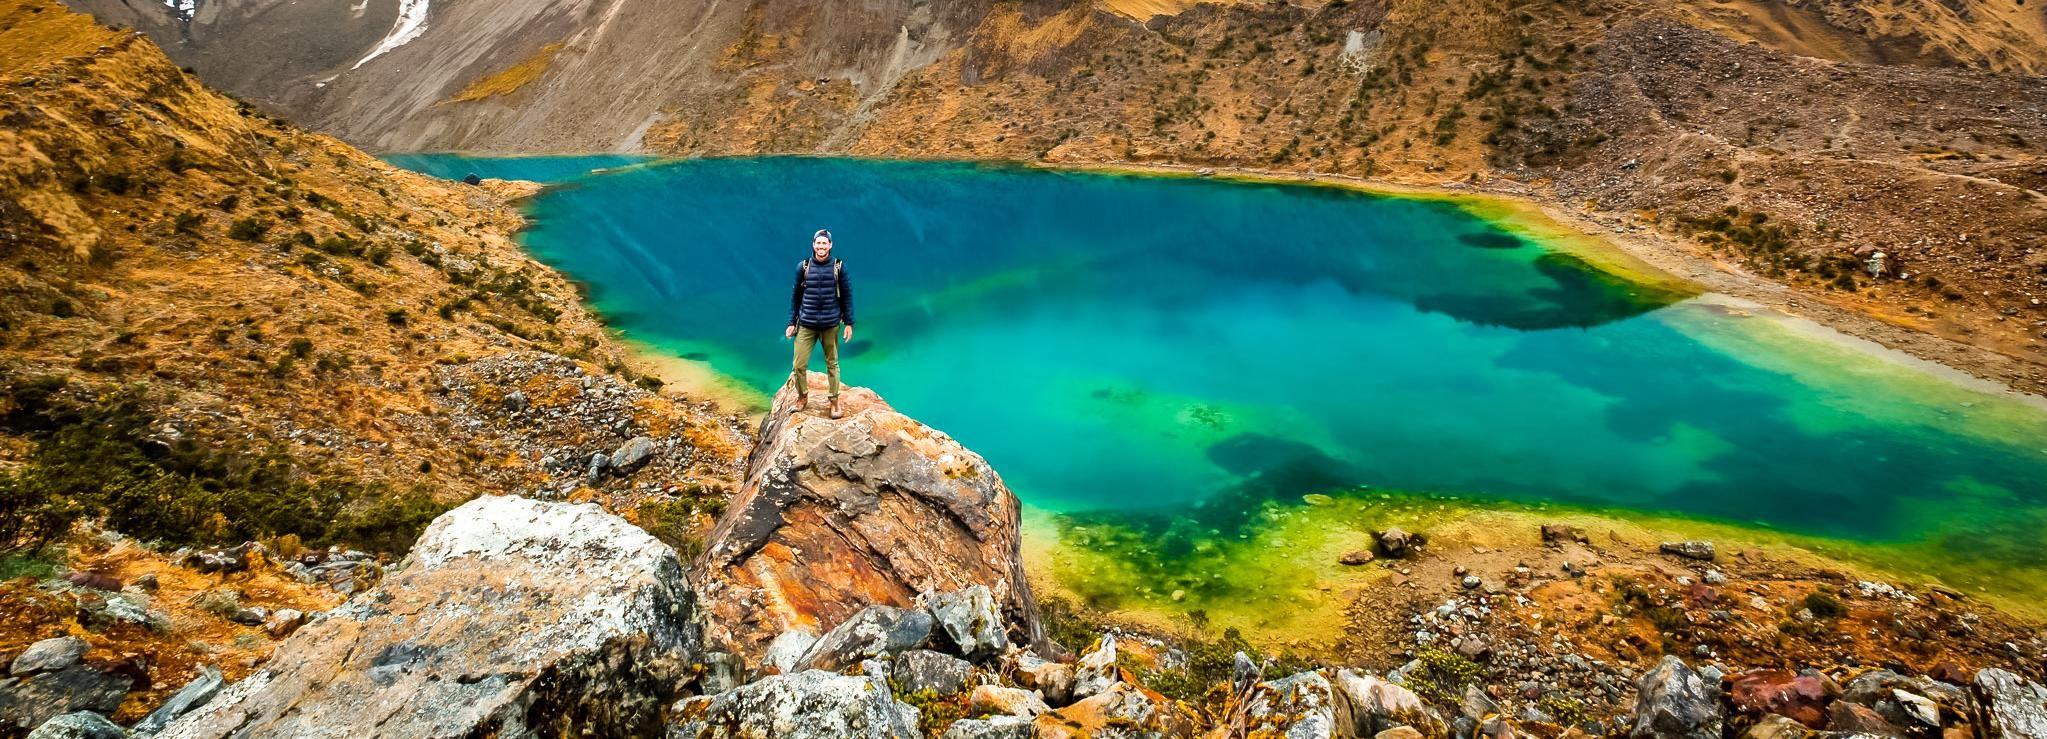 Cuzco: tour privado de un día al lago Humantay con comidas